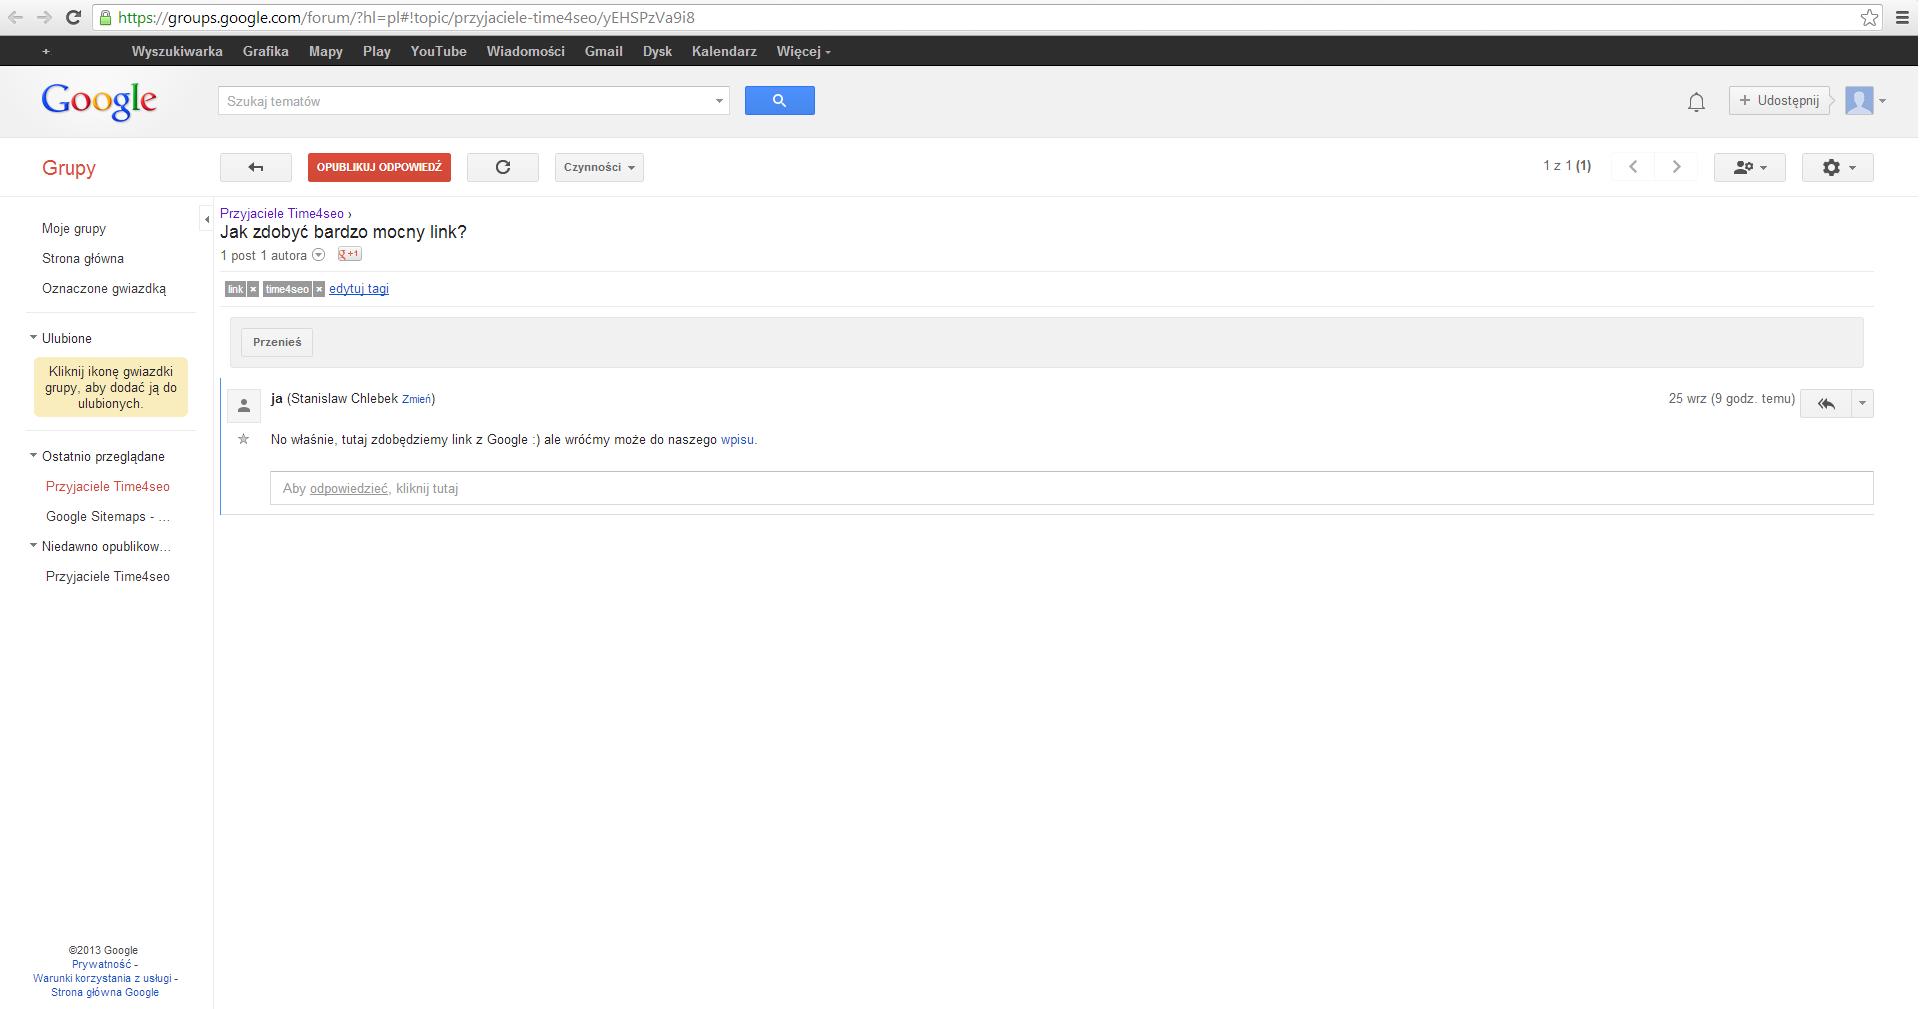 link z Google Grupa